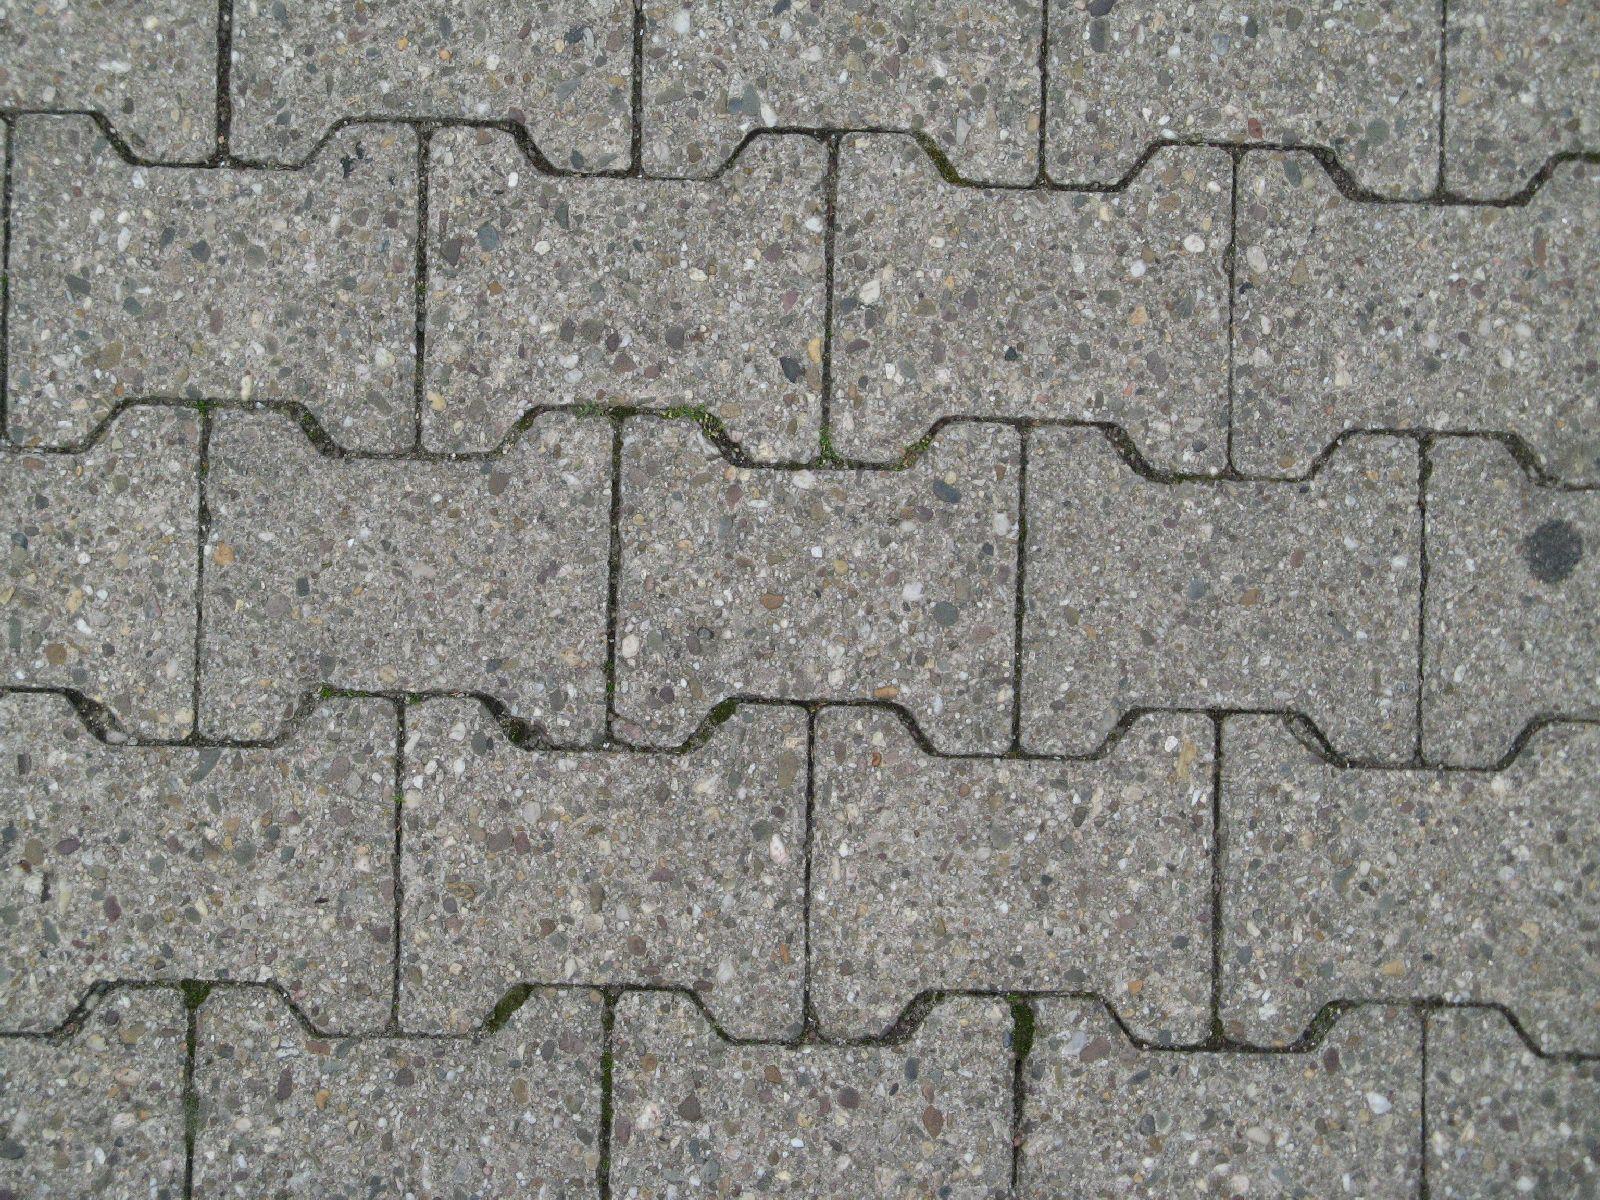 Ground-Urban_Texture_B_0617